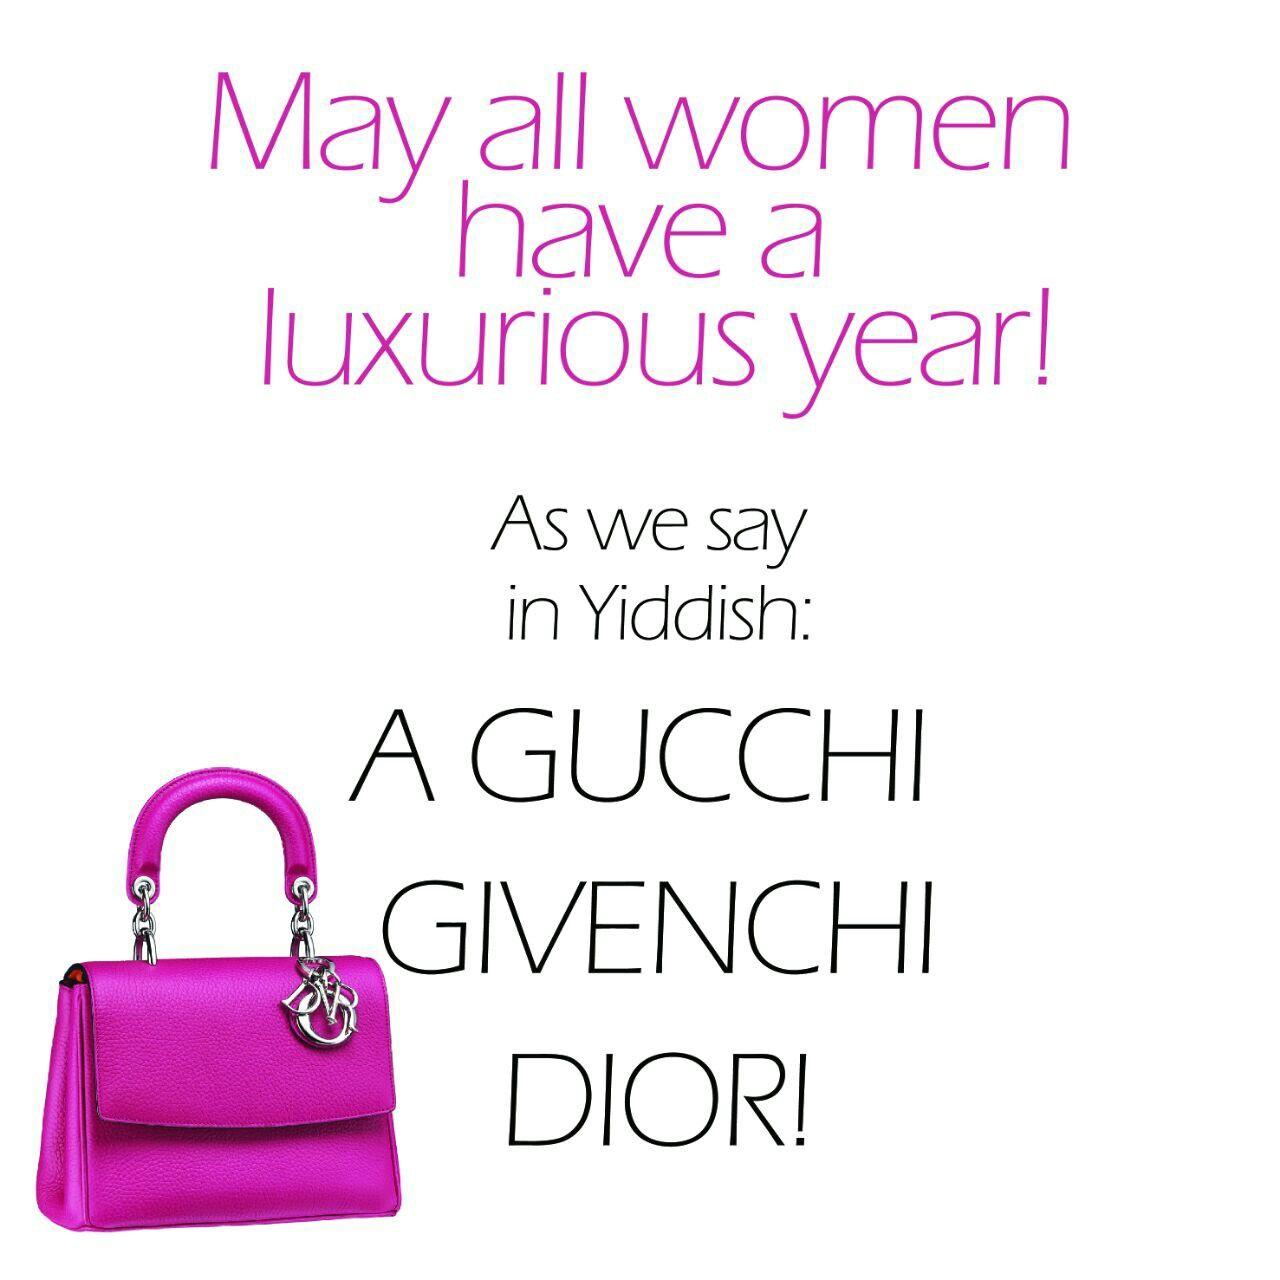 Gut Voch Lady Dior Bag Lady Dior Dior Bag